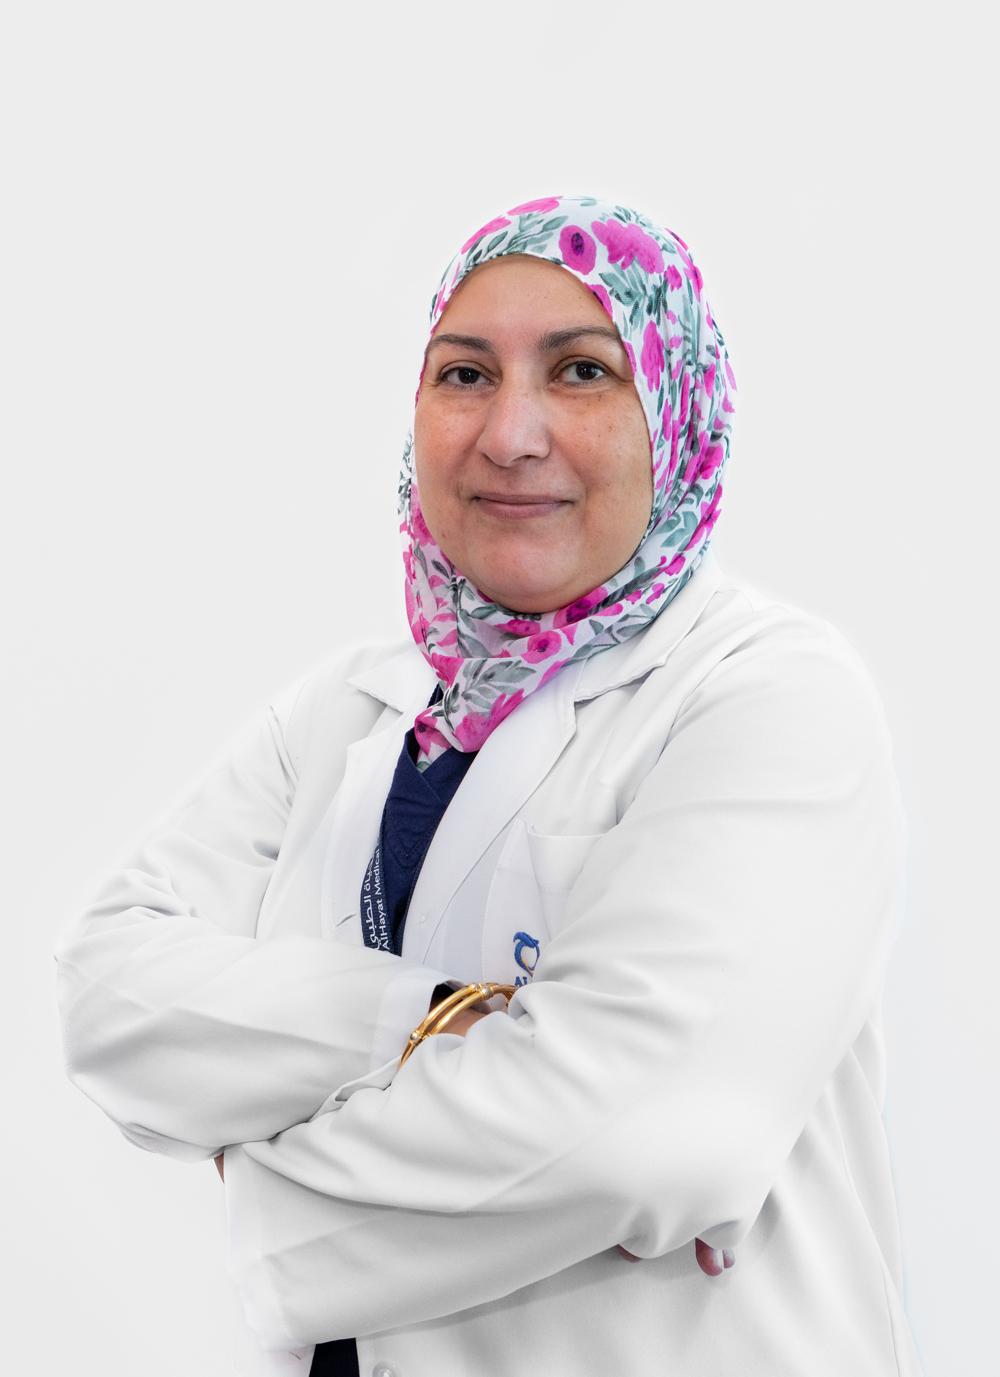 DR. AMIRA REFAIE